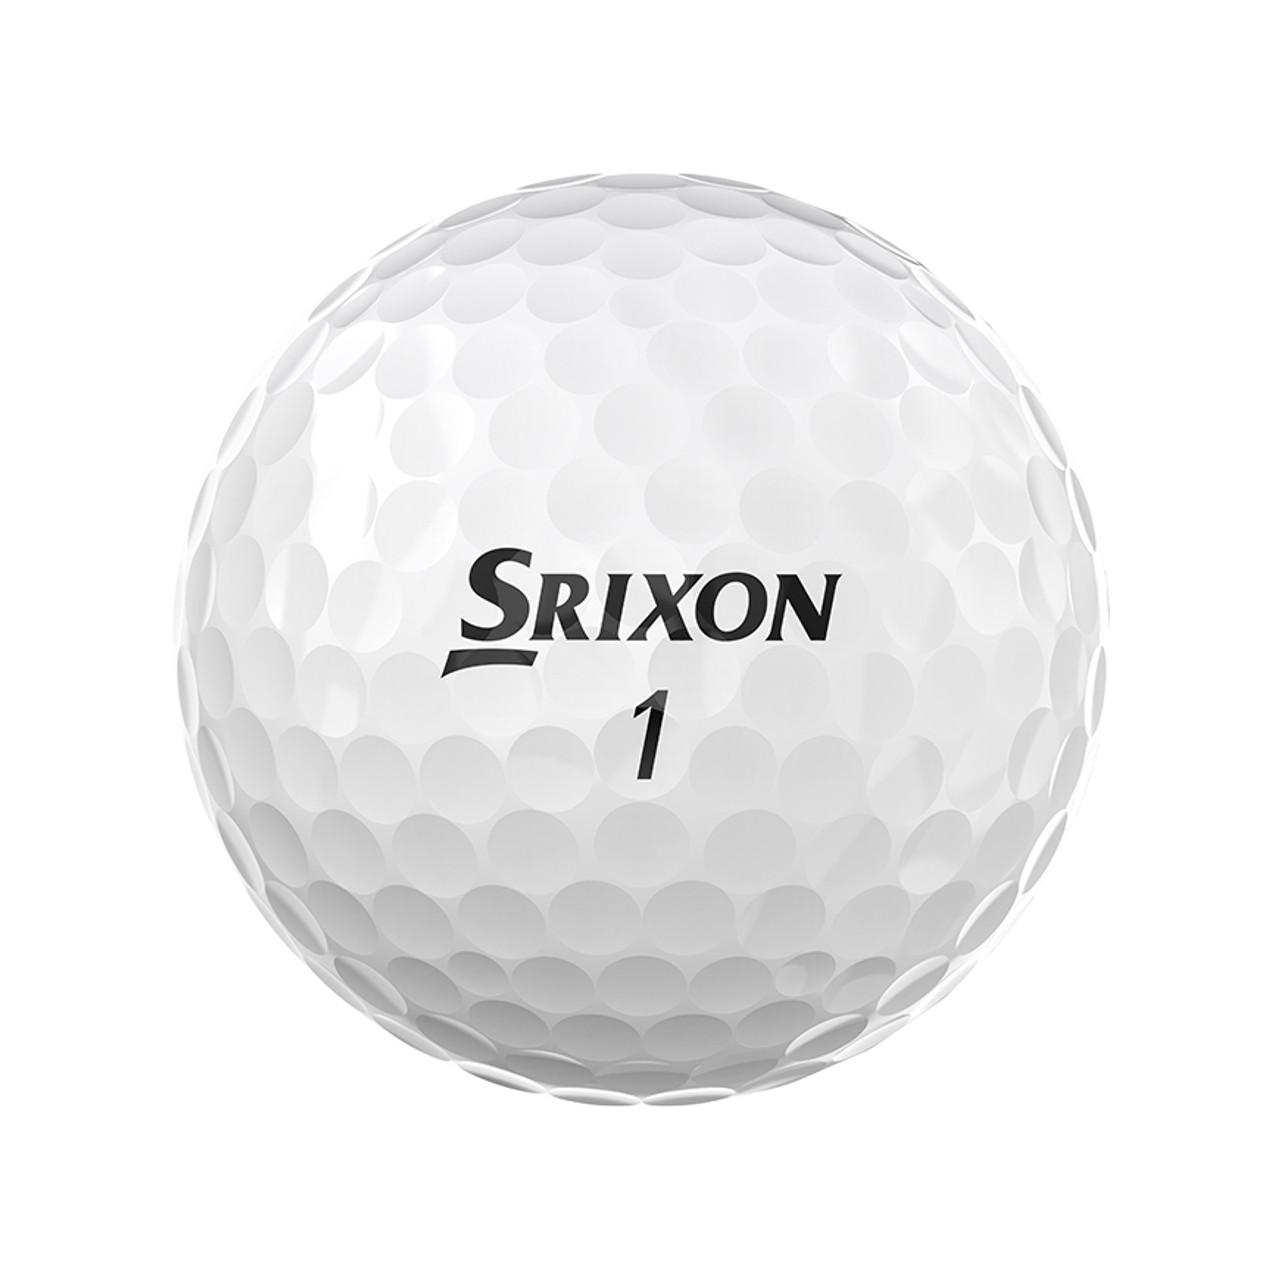 Srixon Z-Star 7 Personalized Golf Balls Dozen - White